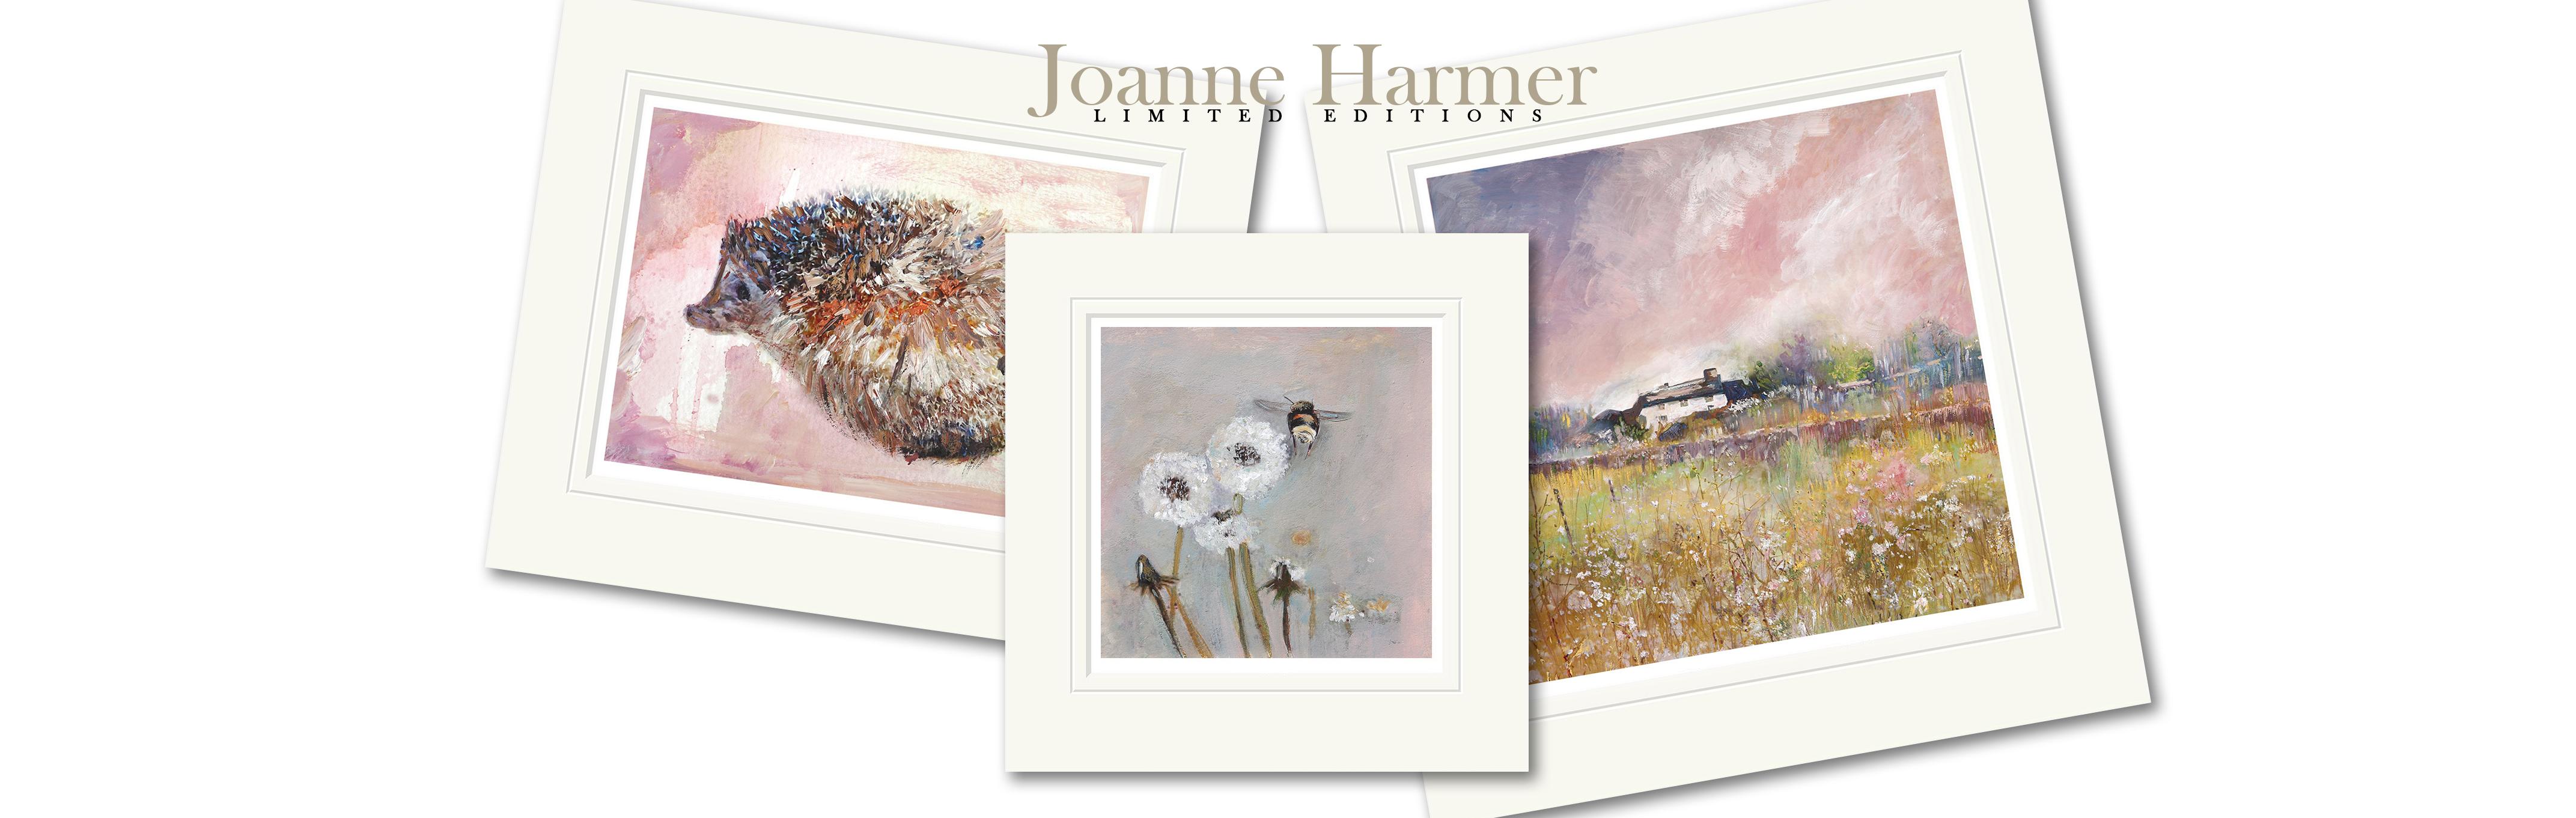 joanne_harmer_layout_1